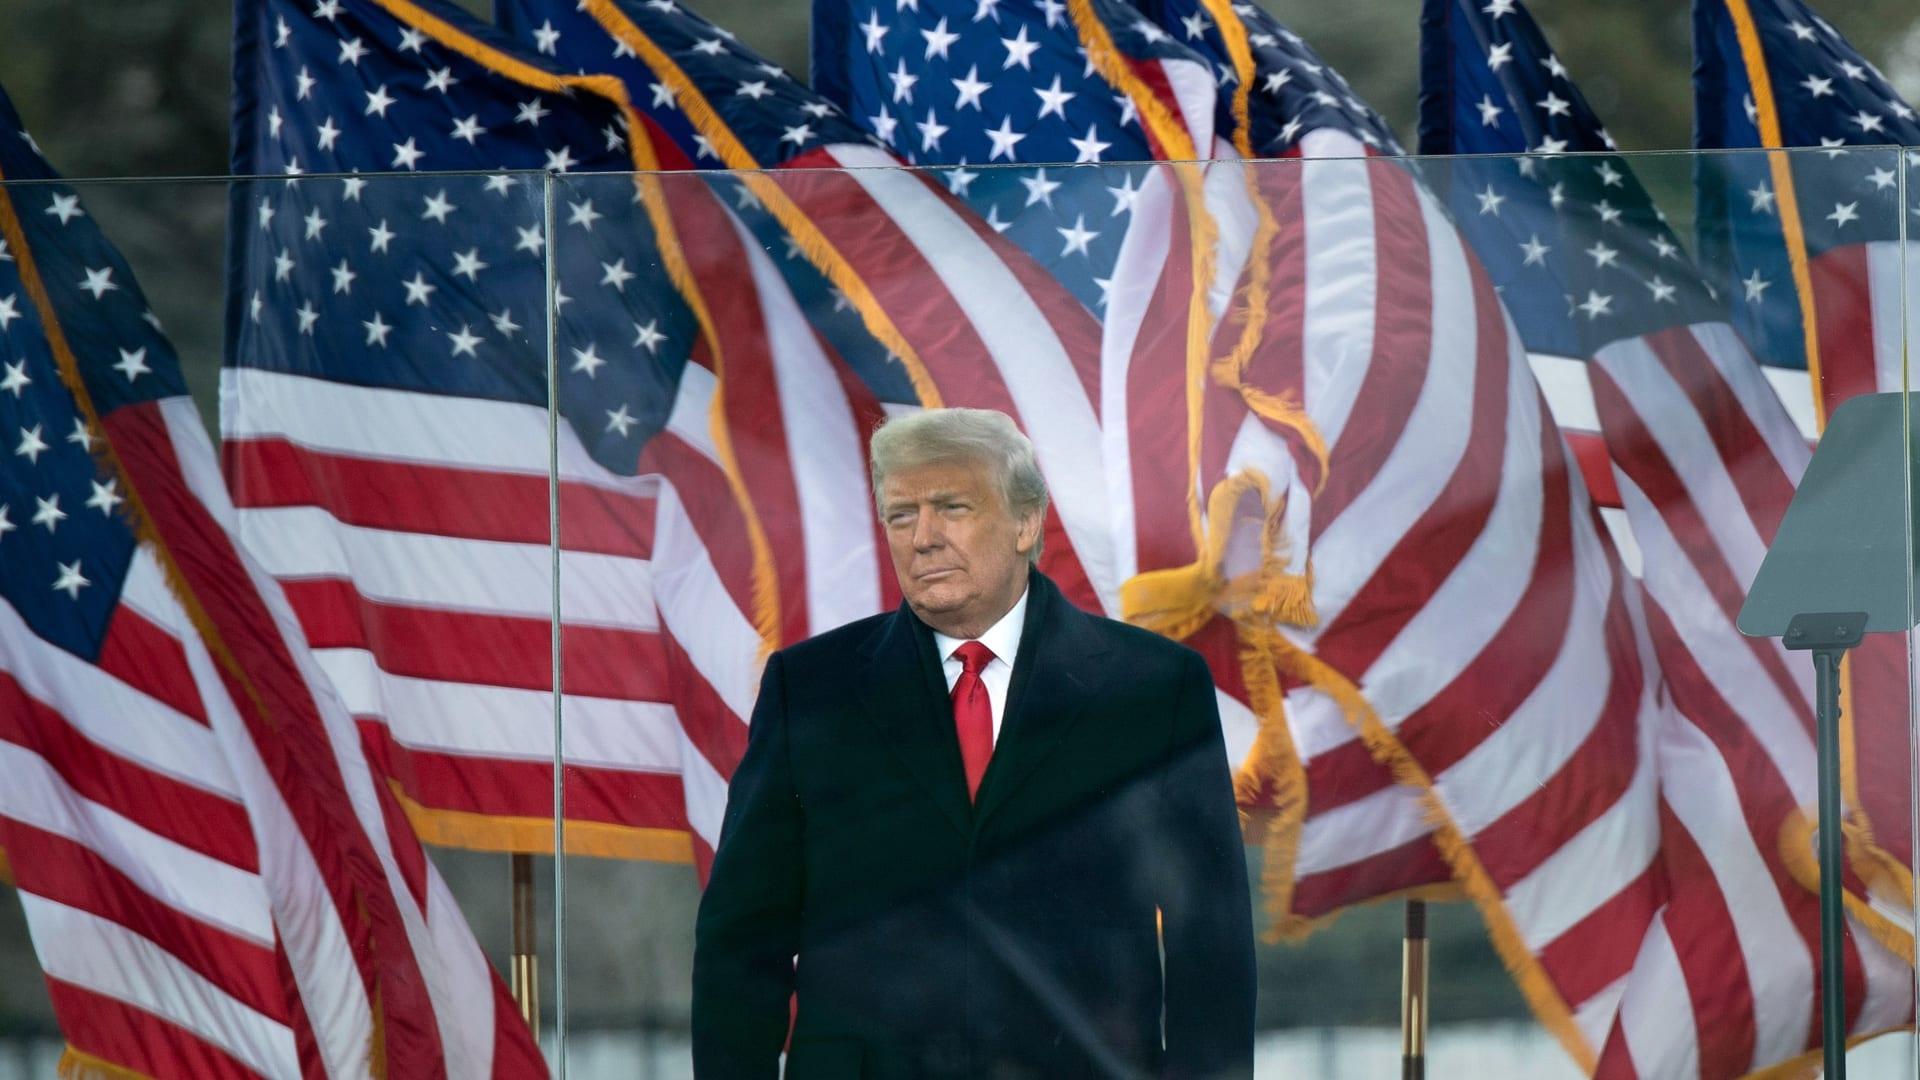 """البيت الأبيض عن بيان إقرار ترامب بـ""""انتقال منظم"""" للسلطة: صدر دون علمنا"""